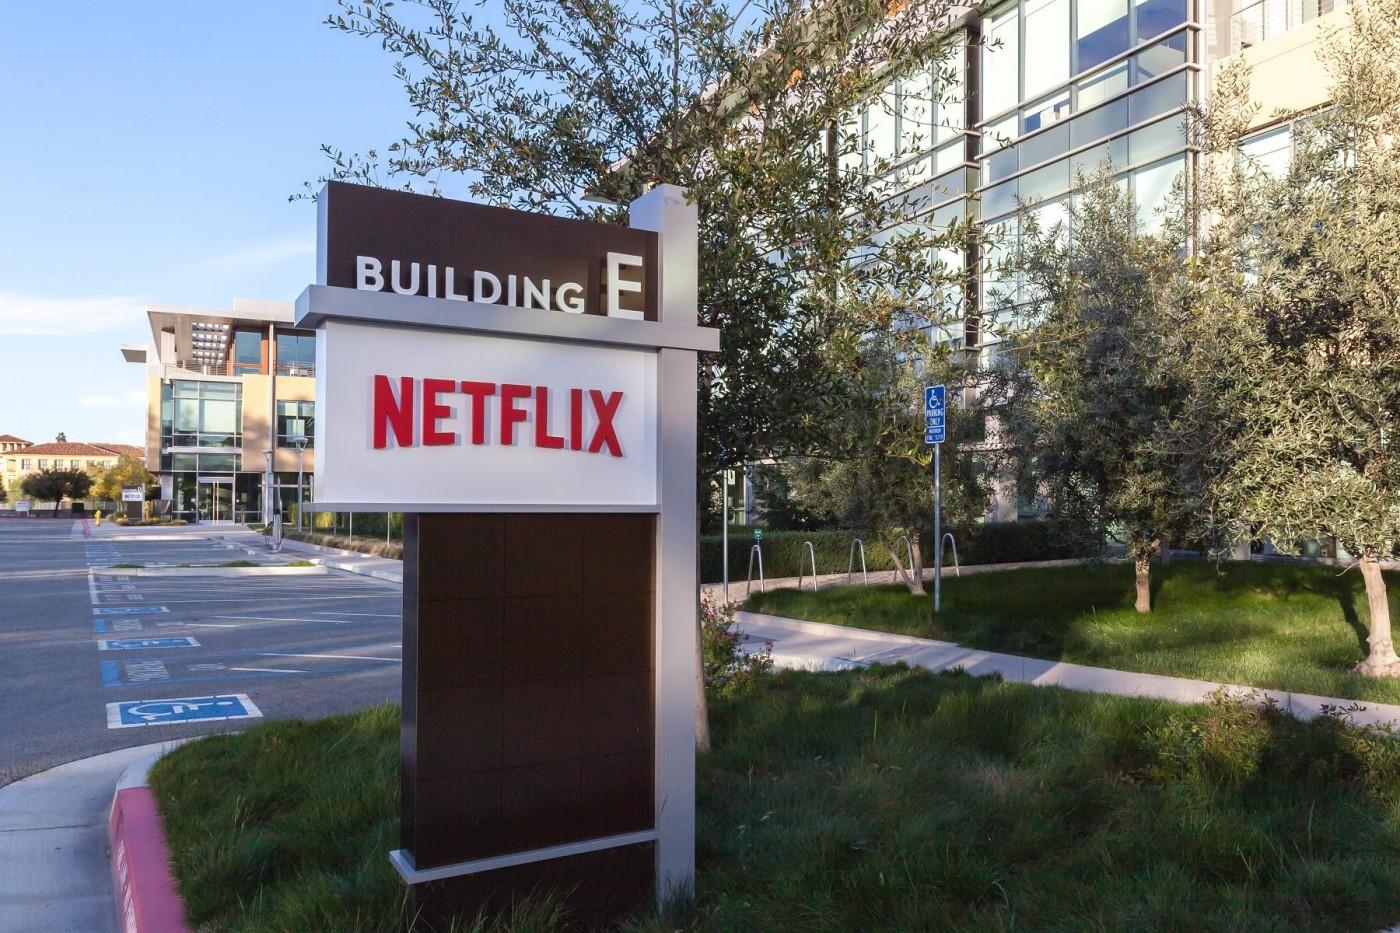 開除你,還寄公告給上百位同事!為什麼Netflix這樣做,卻沒有成為一間「恐怖」公司?